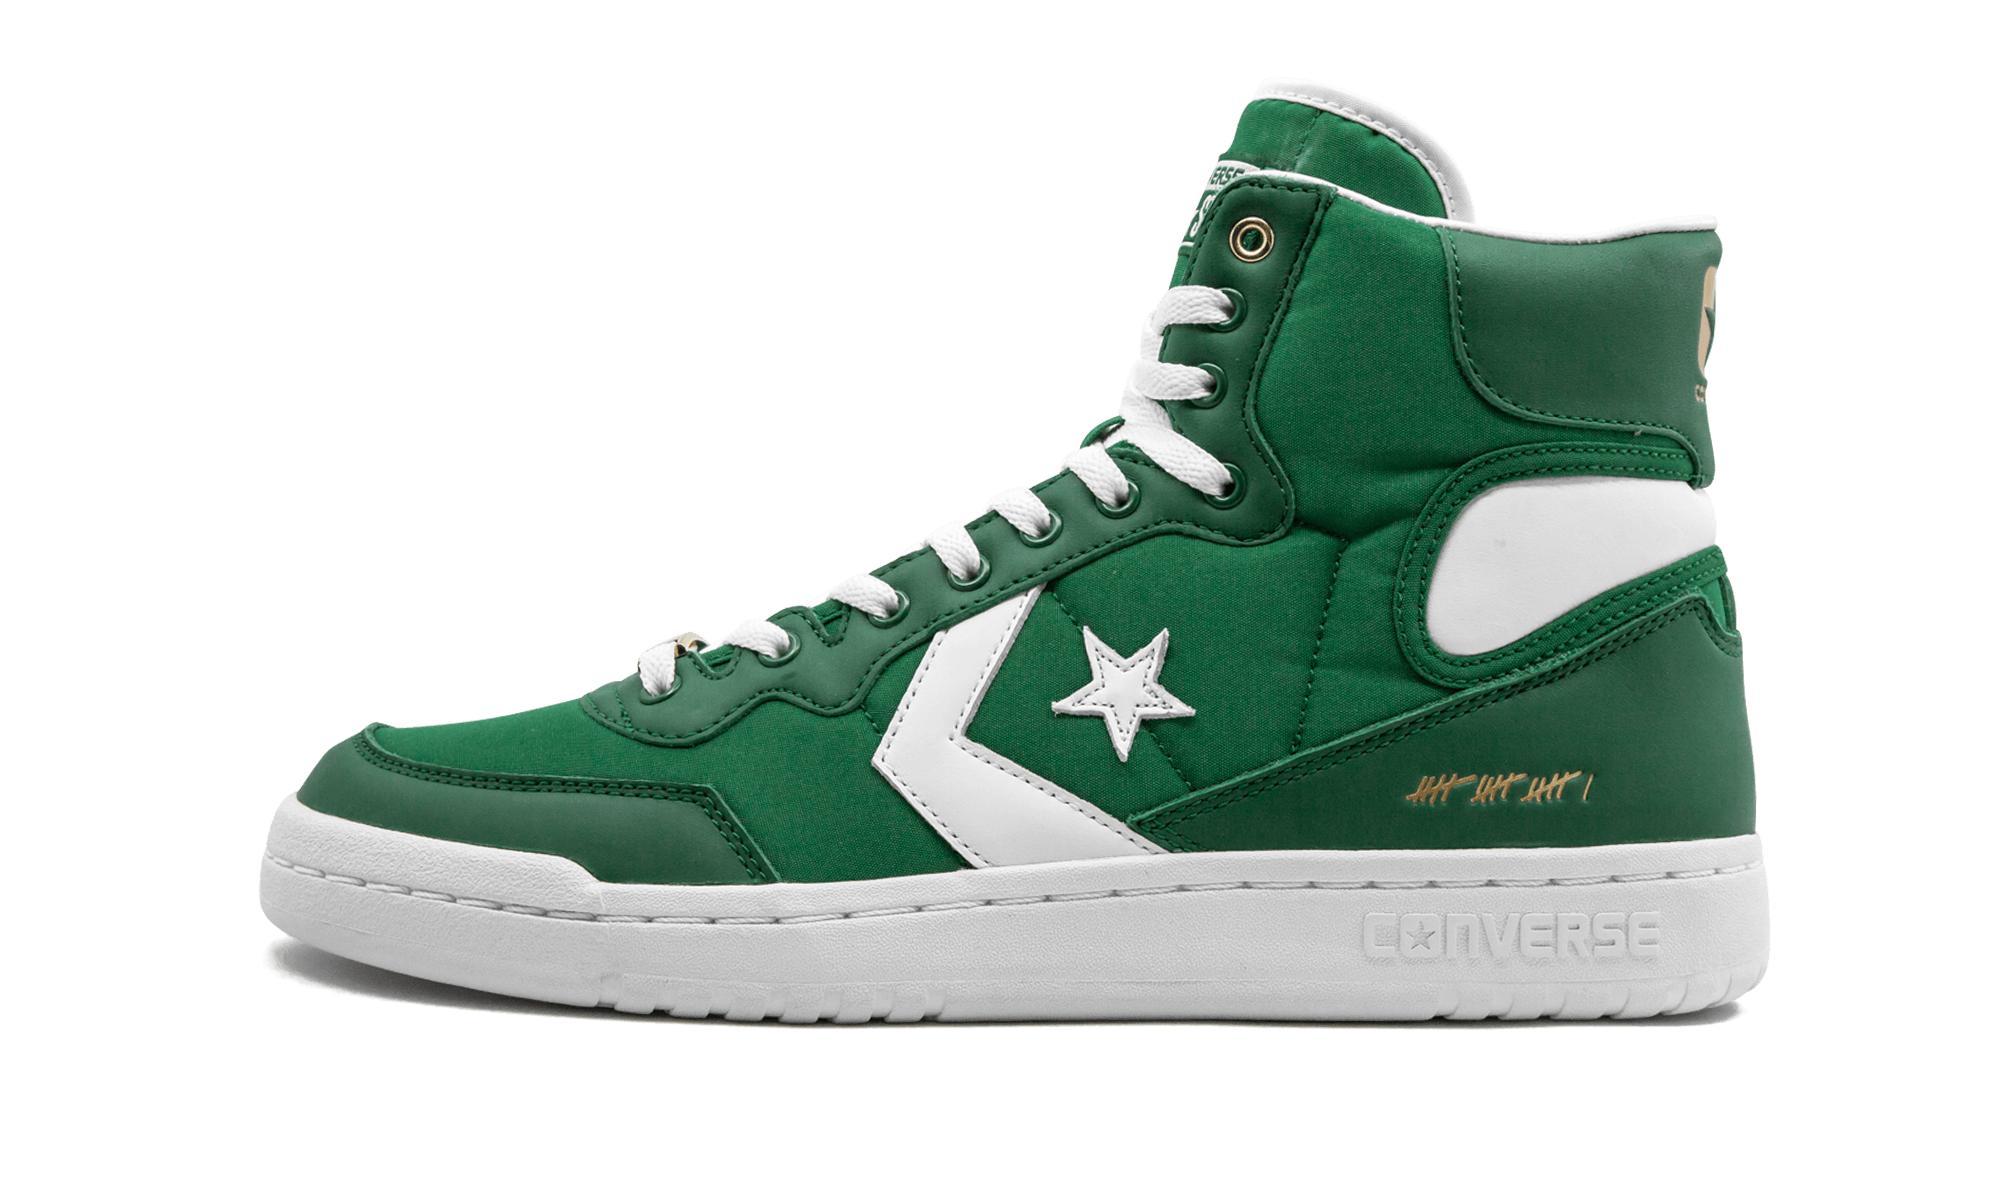 Lyst - Converse Fastbreak Hi in Green for Men e4d0cbd1f